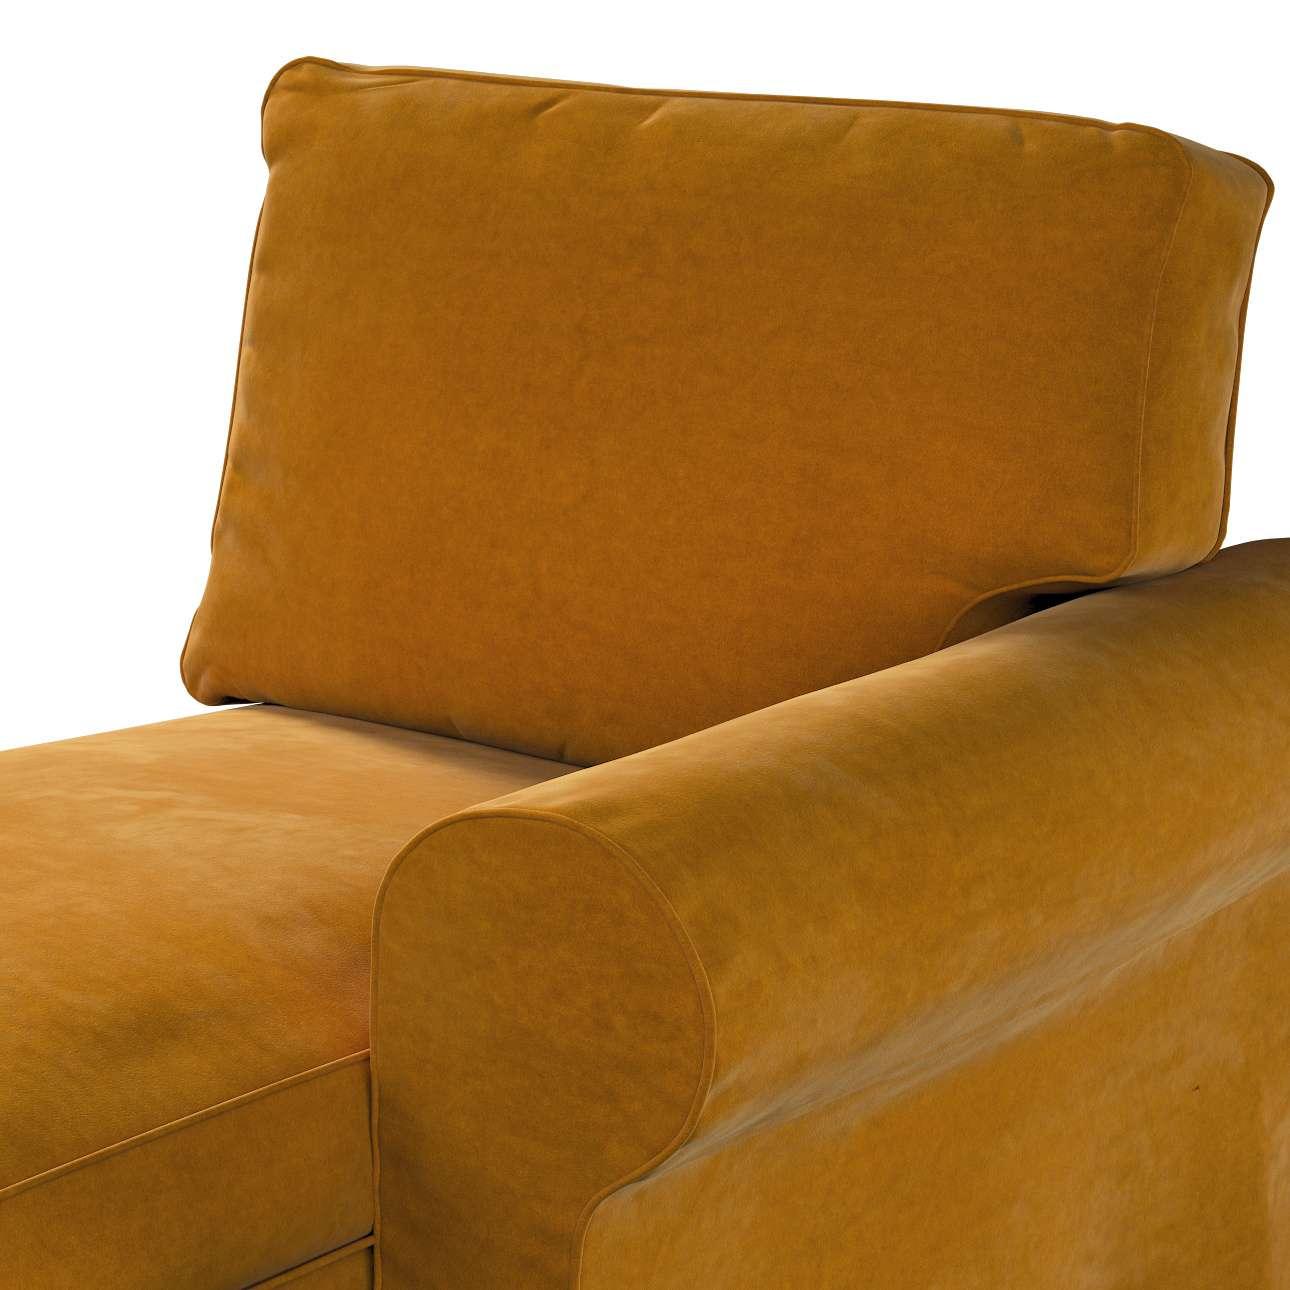 Pokrowiec na szezlong Ektorp prawy w kolekcji Velvet, tkanina: 704-23